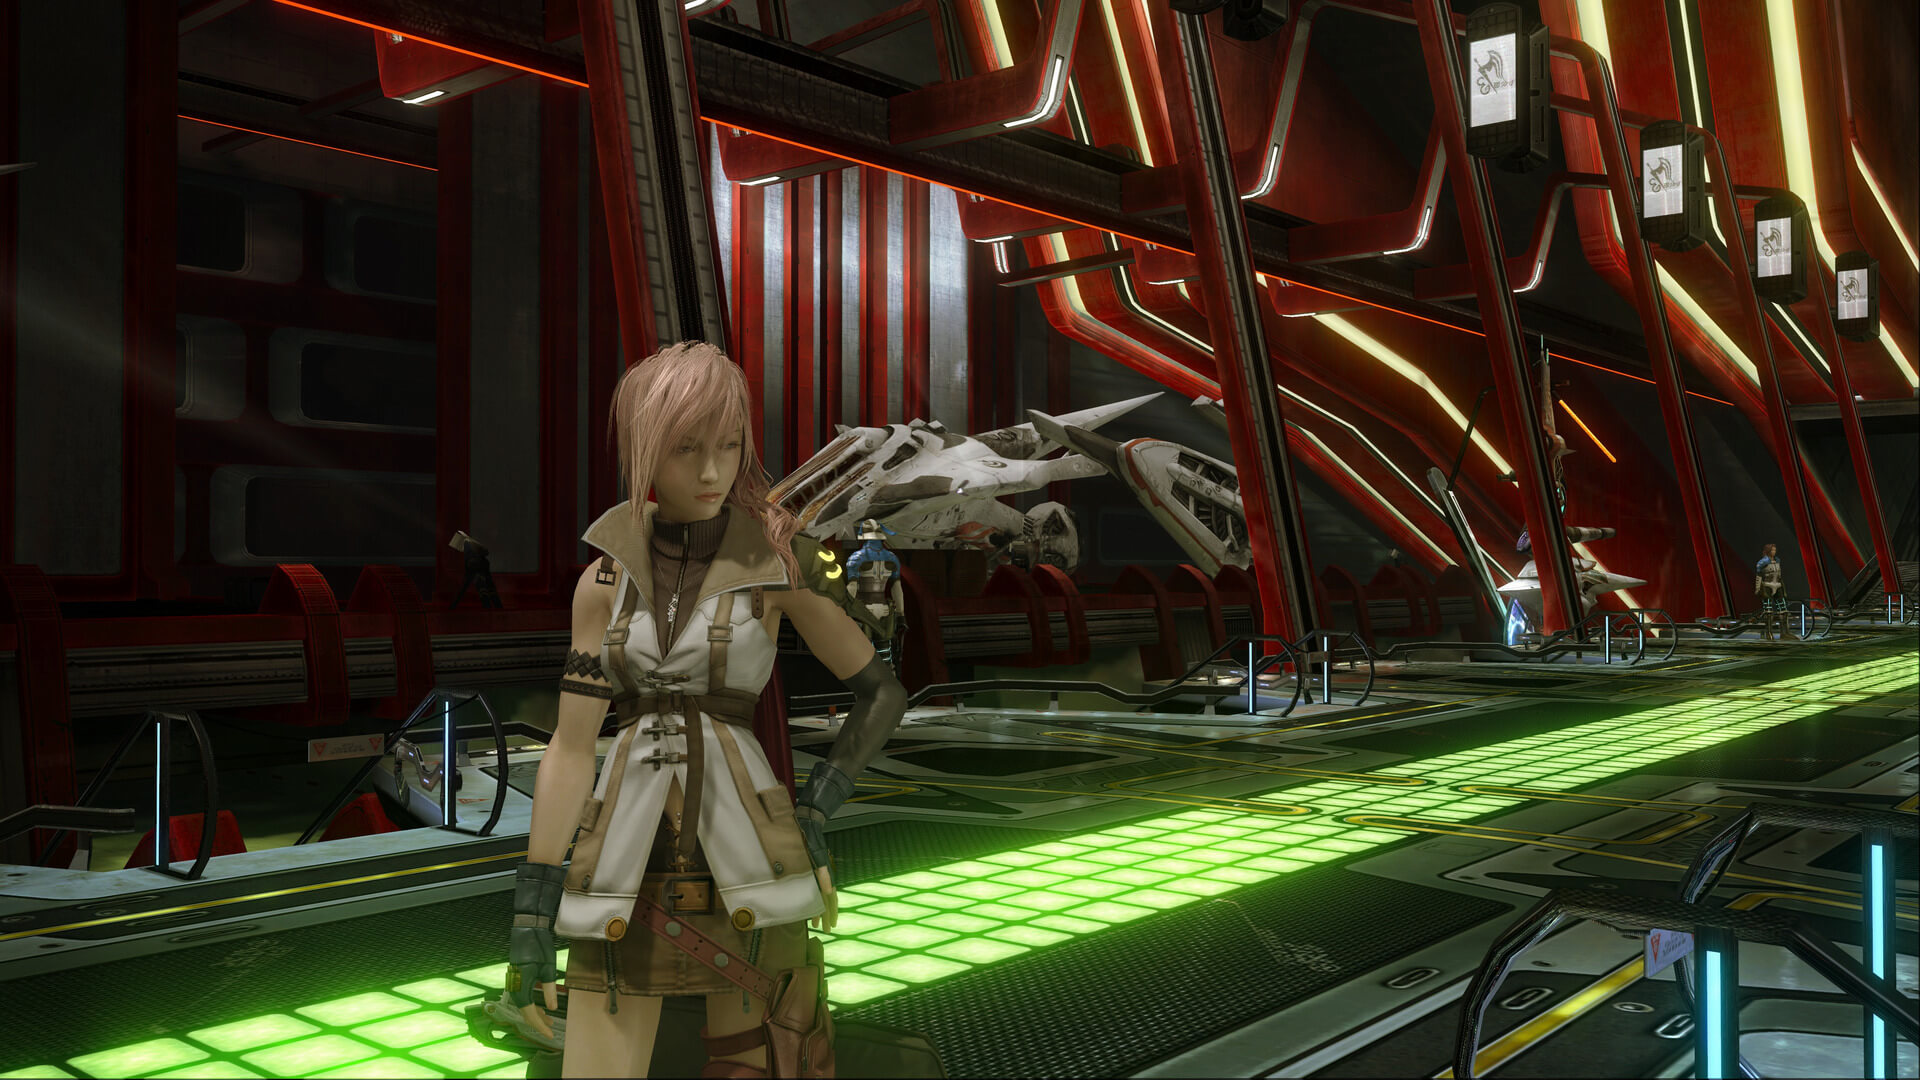 Gói vật liệu HD có sẵn 5.3 GB để tải xuống cho Final Fantasy XIII 1